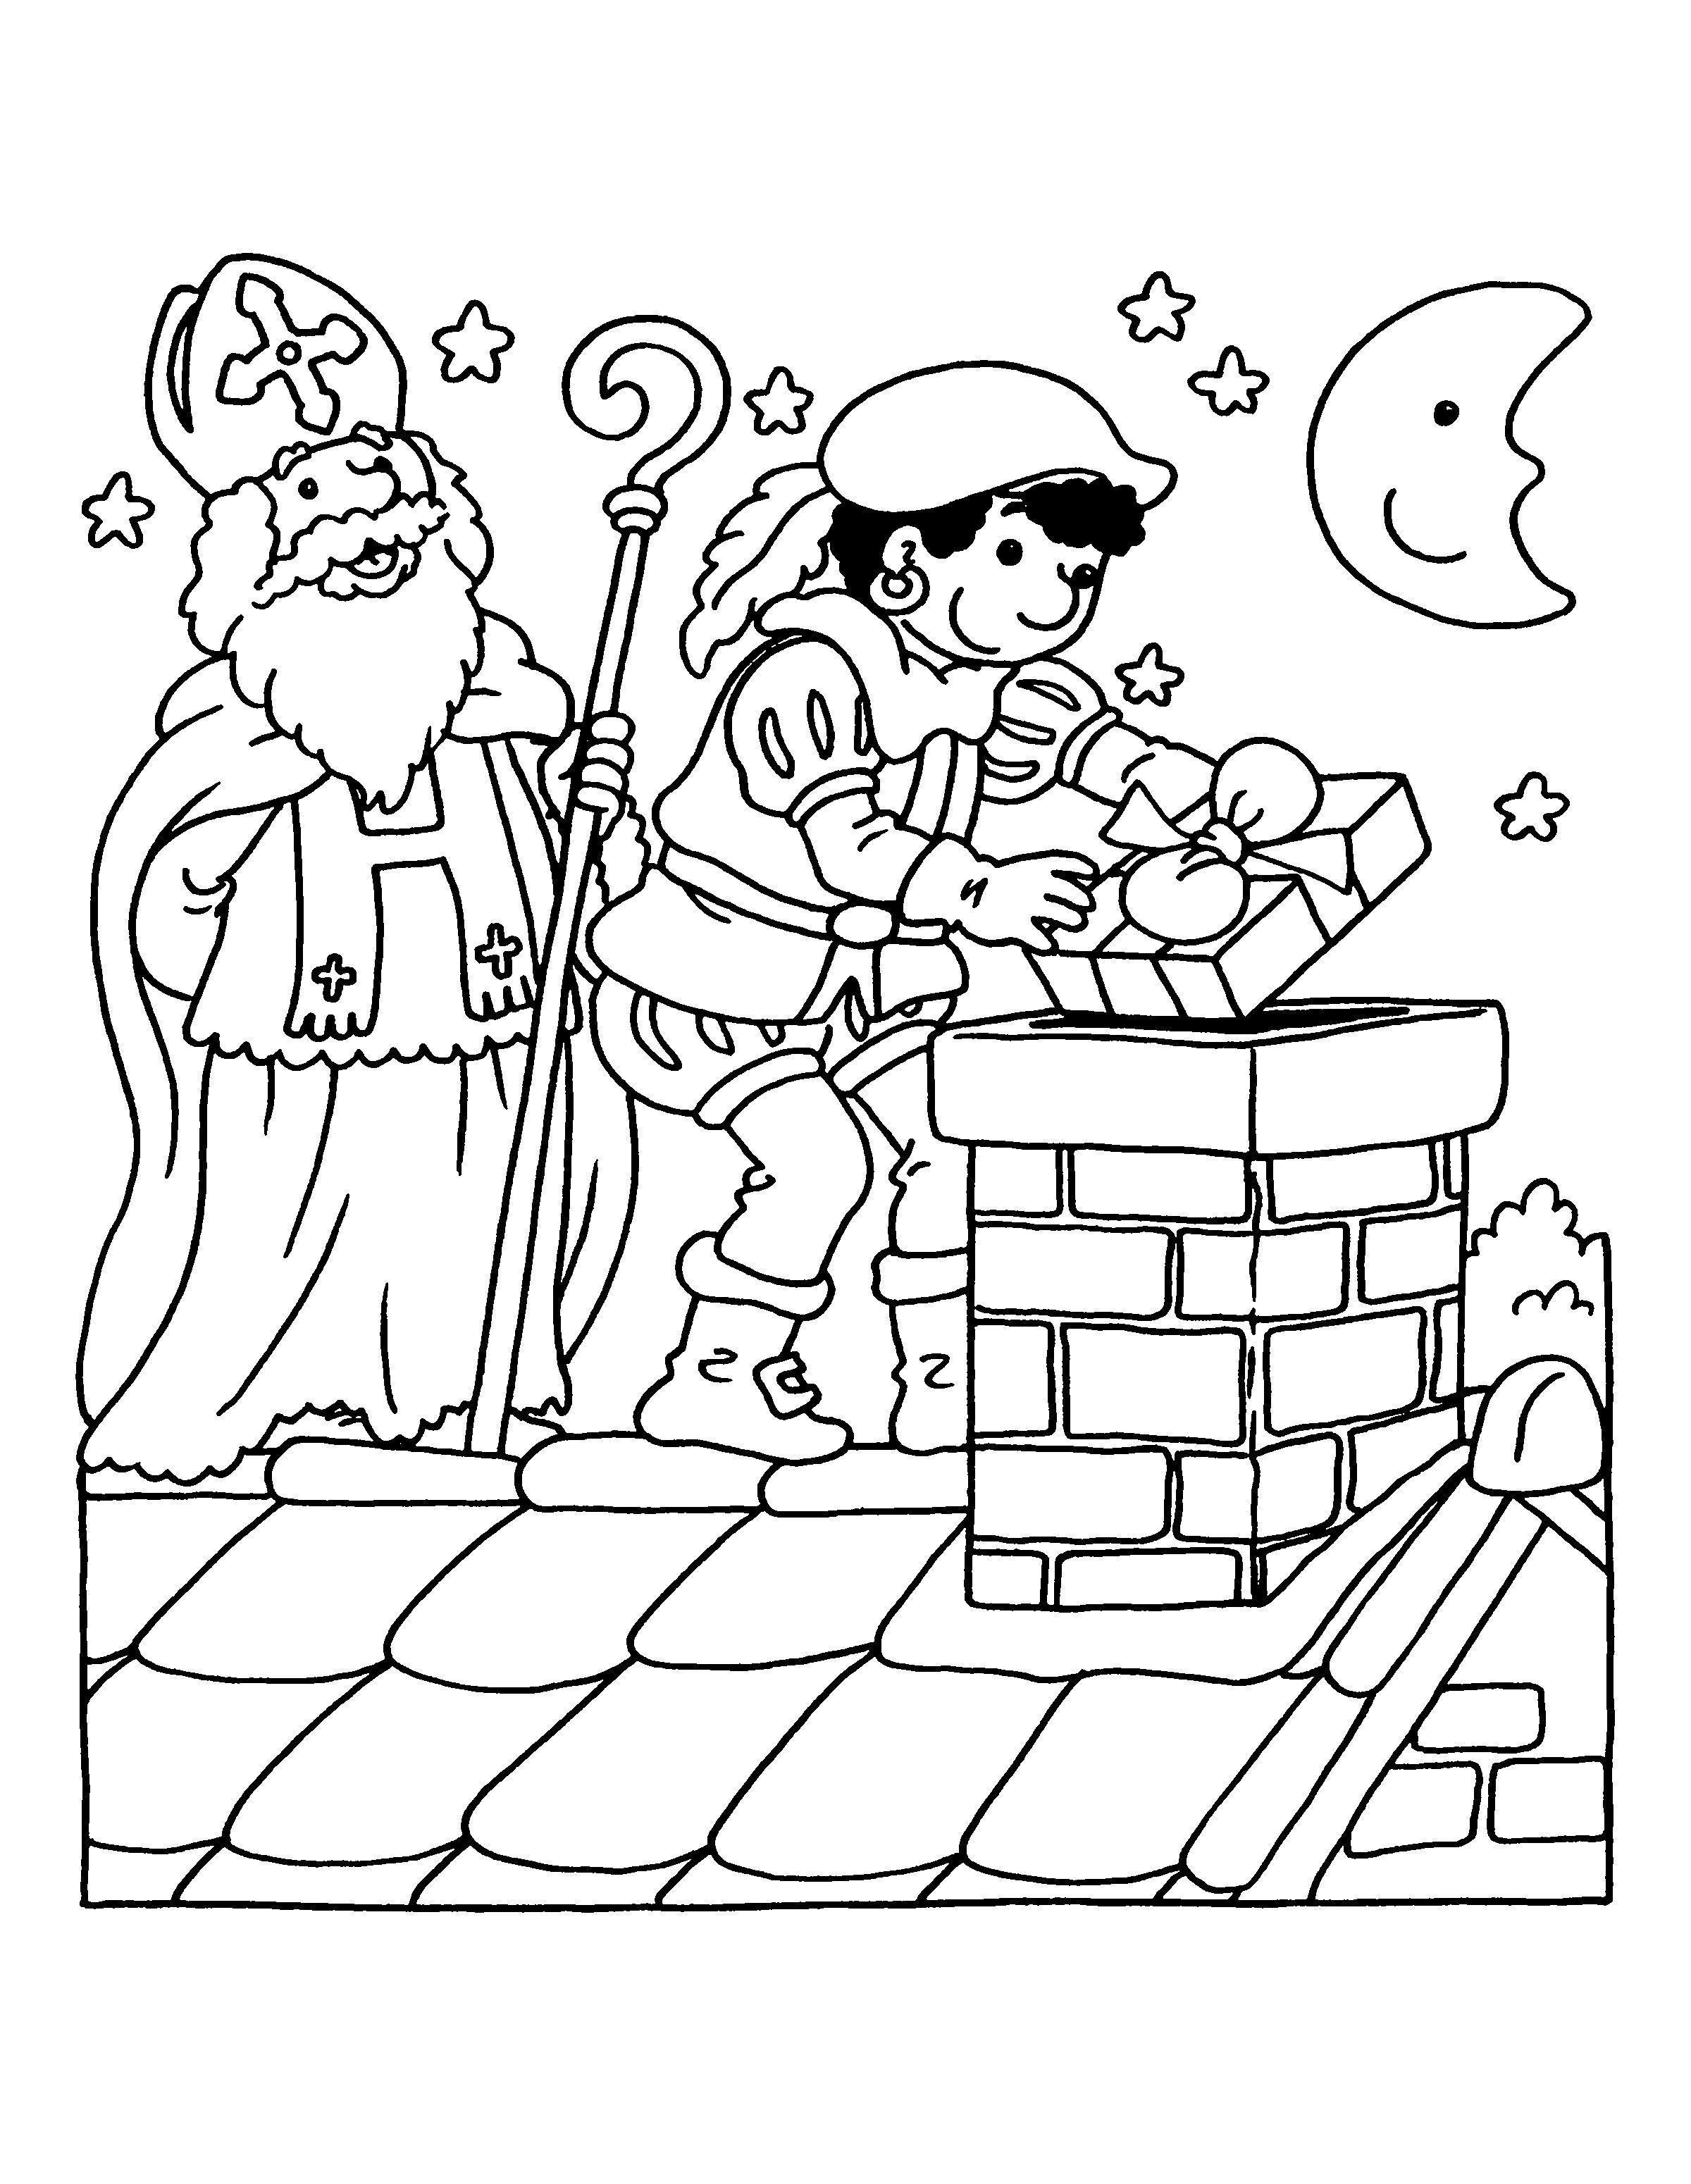 Kleurplaten Van Sint En Piet Idee Kleurplaat Van Sinterklaas En Zwarte Piet 20 Beste Kleurplaat Van Sinterklaas En Zwarte Piet Zwartepietk Dokuma Kedi Polis